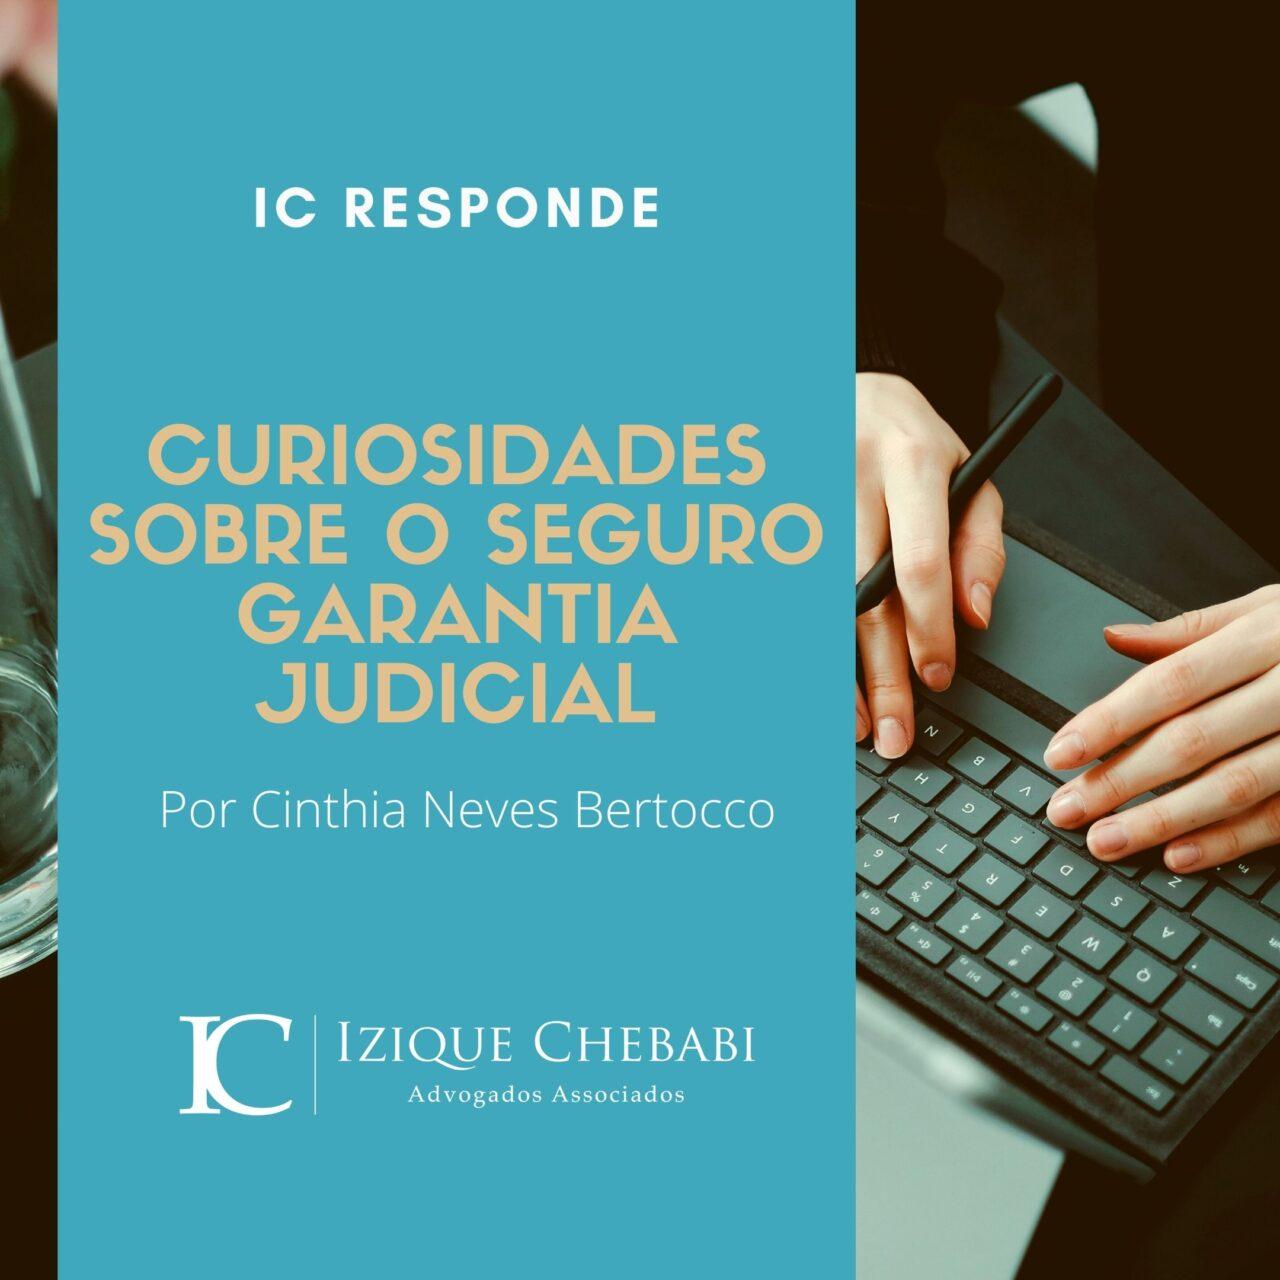 https://chebabi.com/wp-content/uploads/2021/08/Curiosidades-sobre-o-Seguro-Garantia-Judicial-1280x1280.jpg